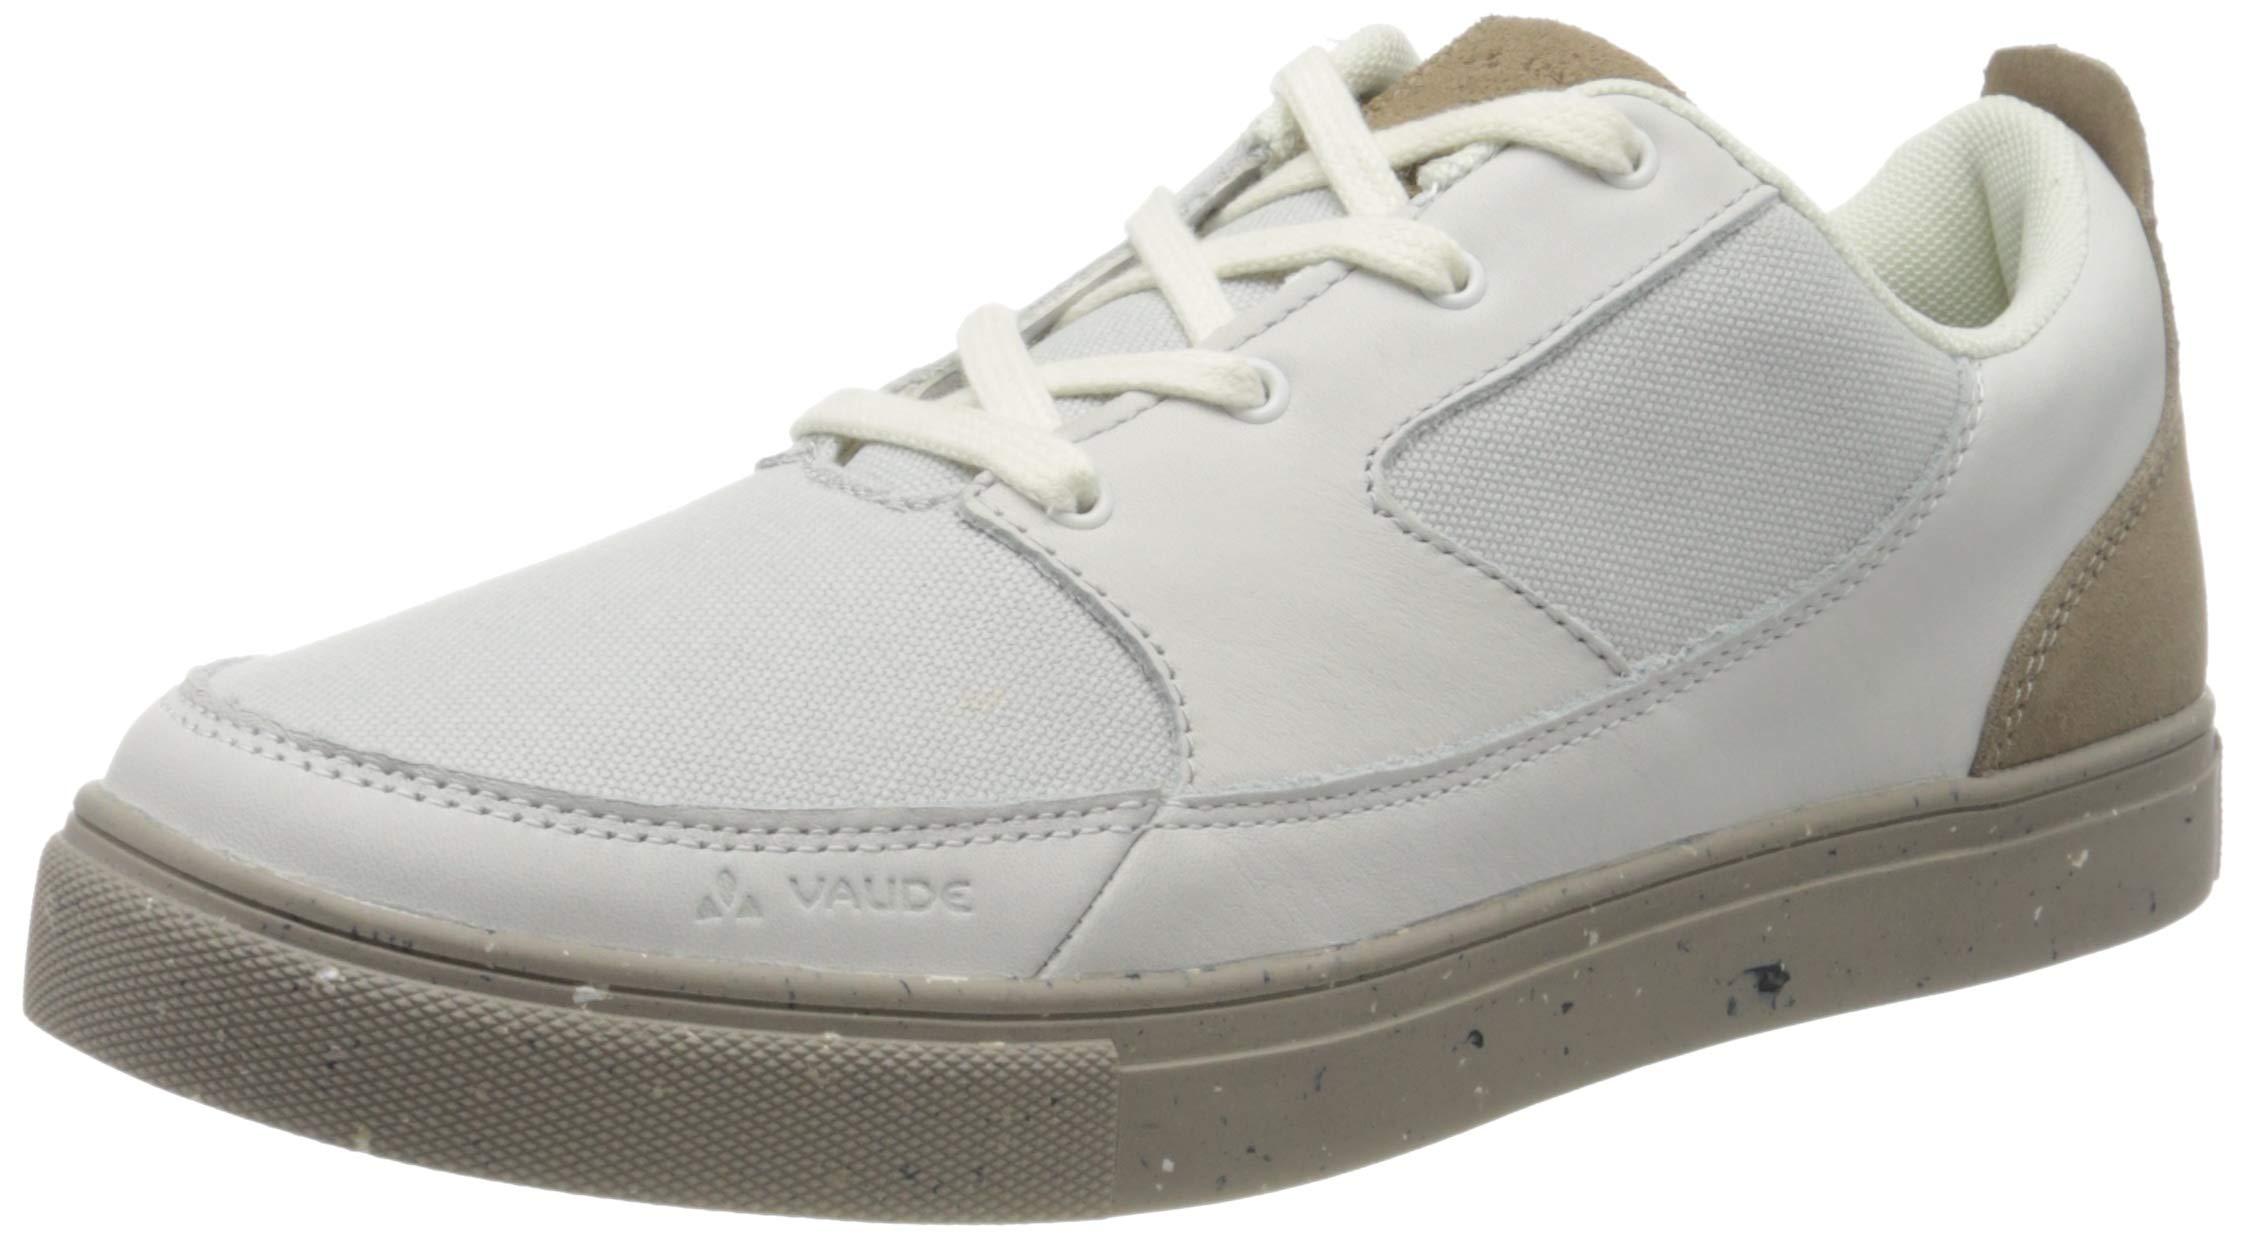 VAUDE Herren Men's UBN Redmont Sneaker, Offwhite, 43 EU